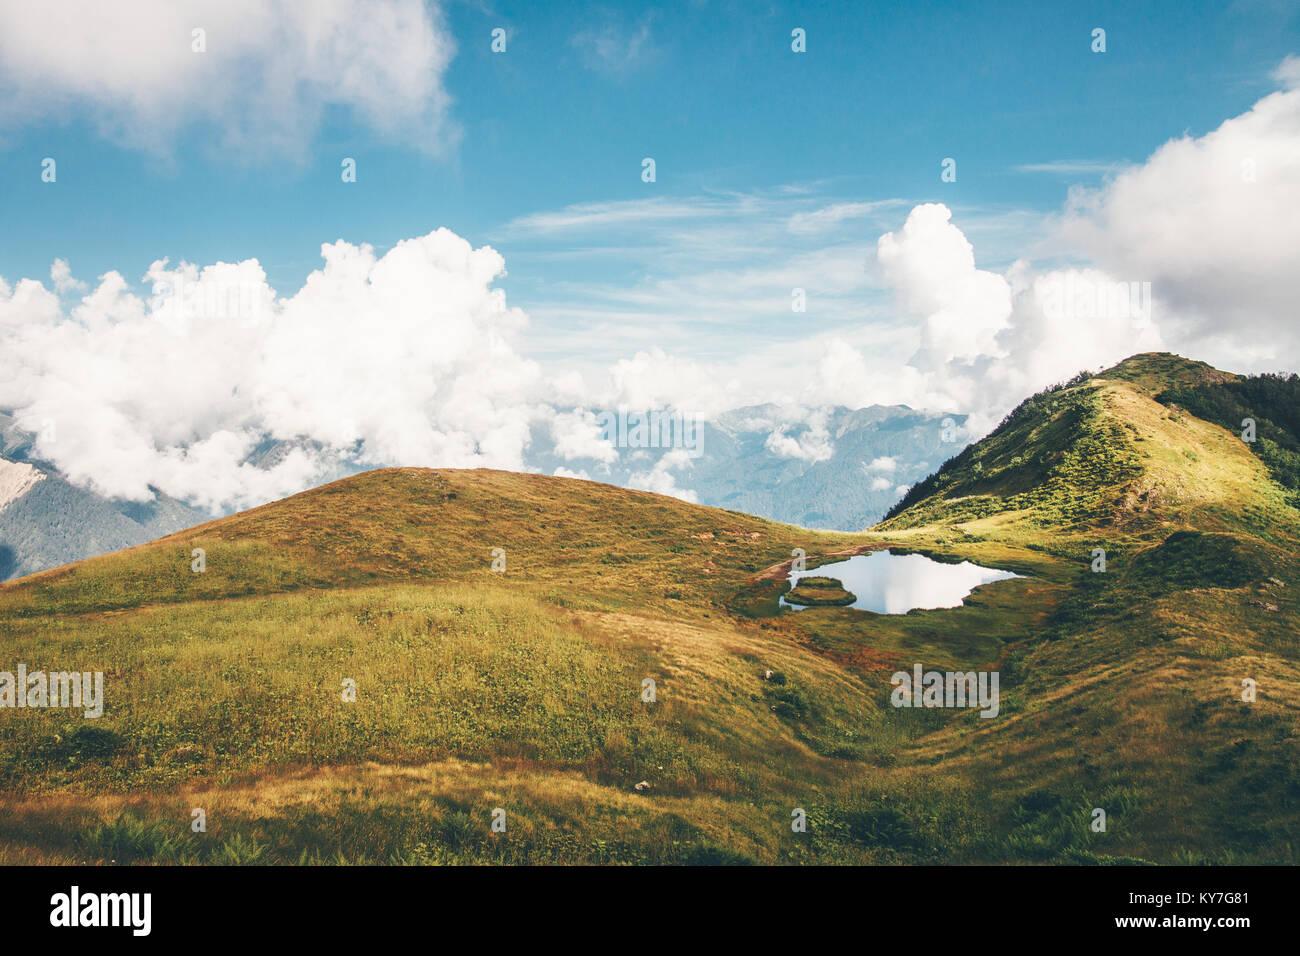 Il lago e le Montagne Paesaggio nuvole viaggio estivo serena scenic vista aerea scena atmosferica Immagini Stock